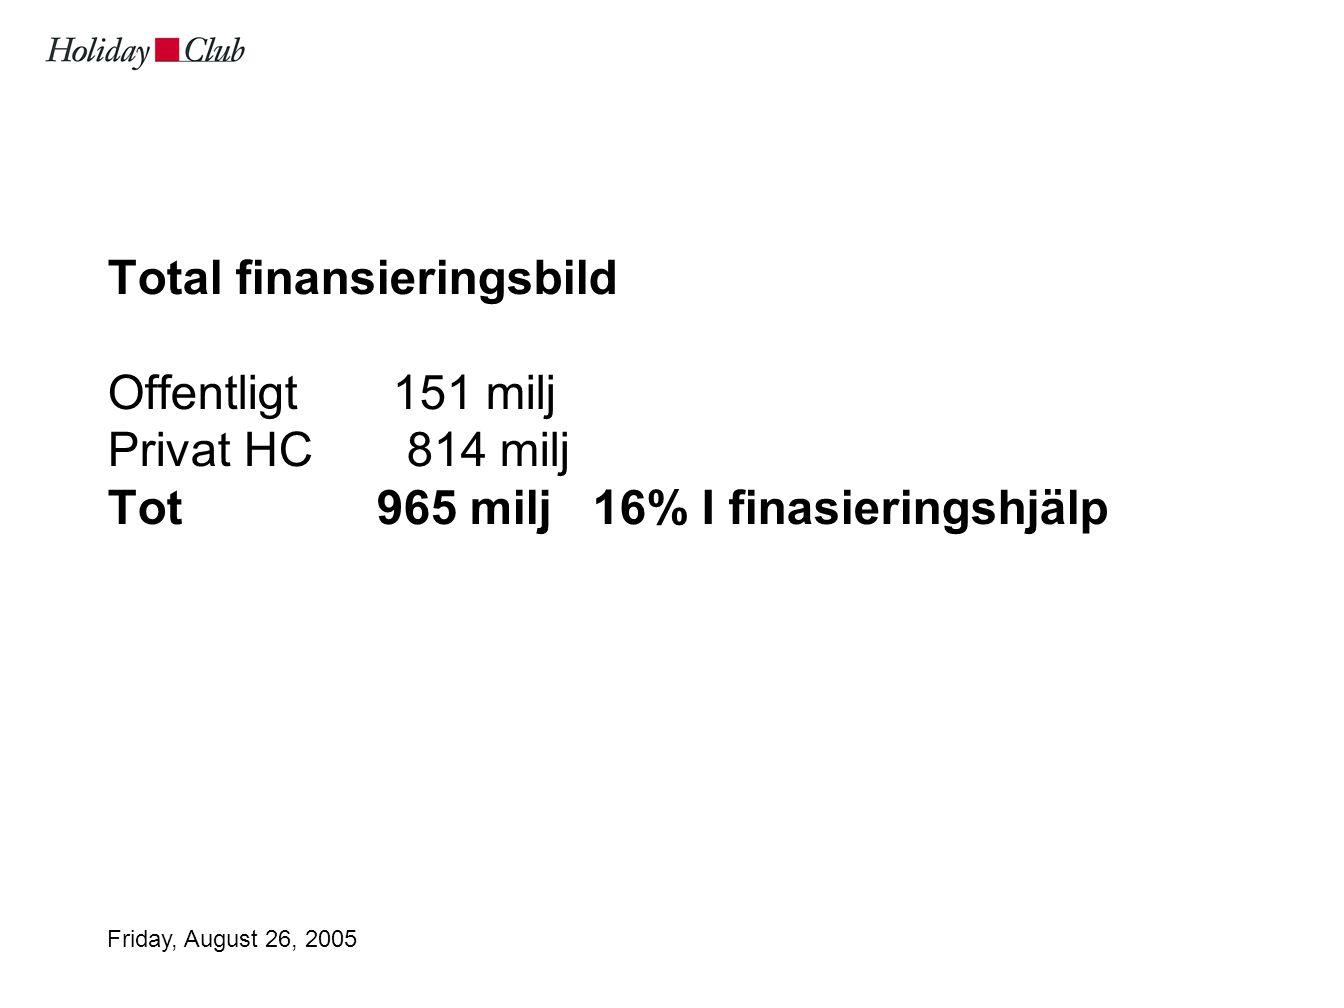 Friday, August 26, 2005 Total finansieringsbild Offentligt 151 milj Privat HC 814 milj Tot 965 milj 16% I finasieringshjälp